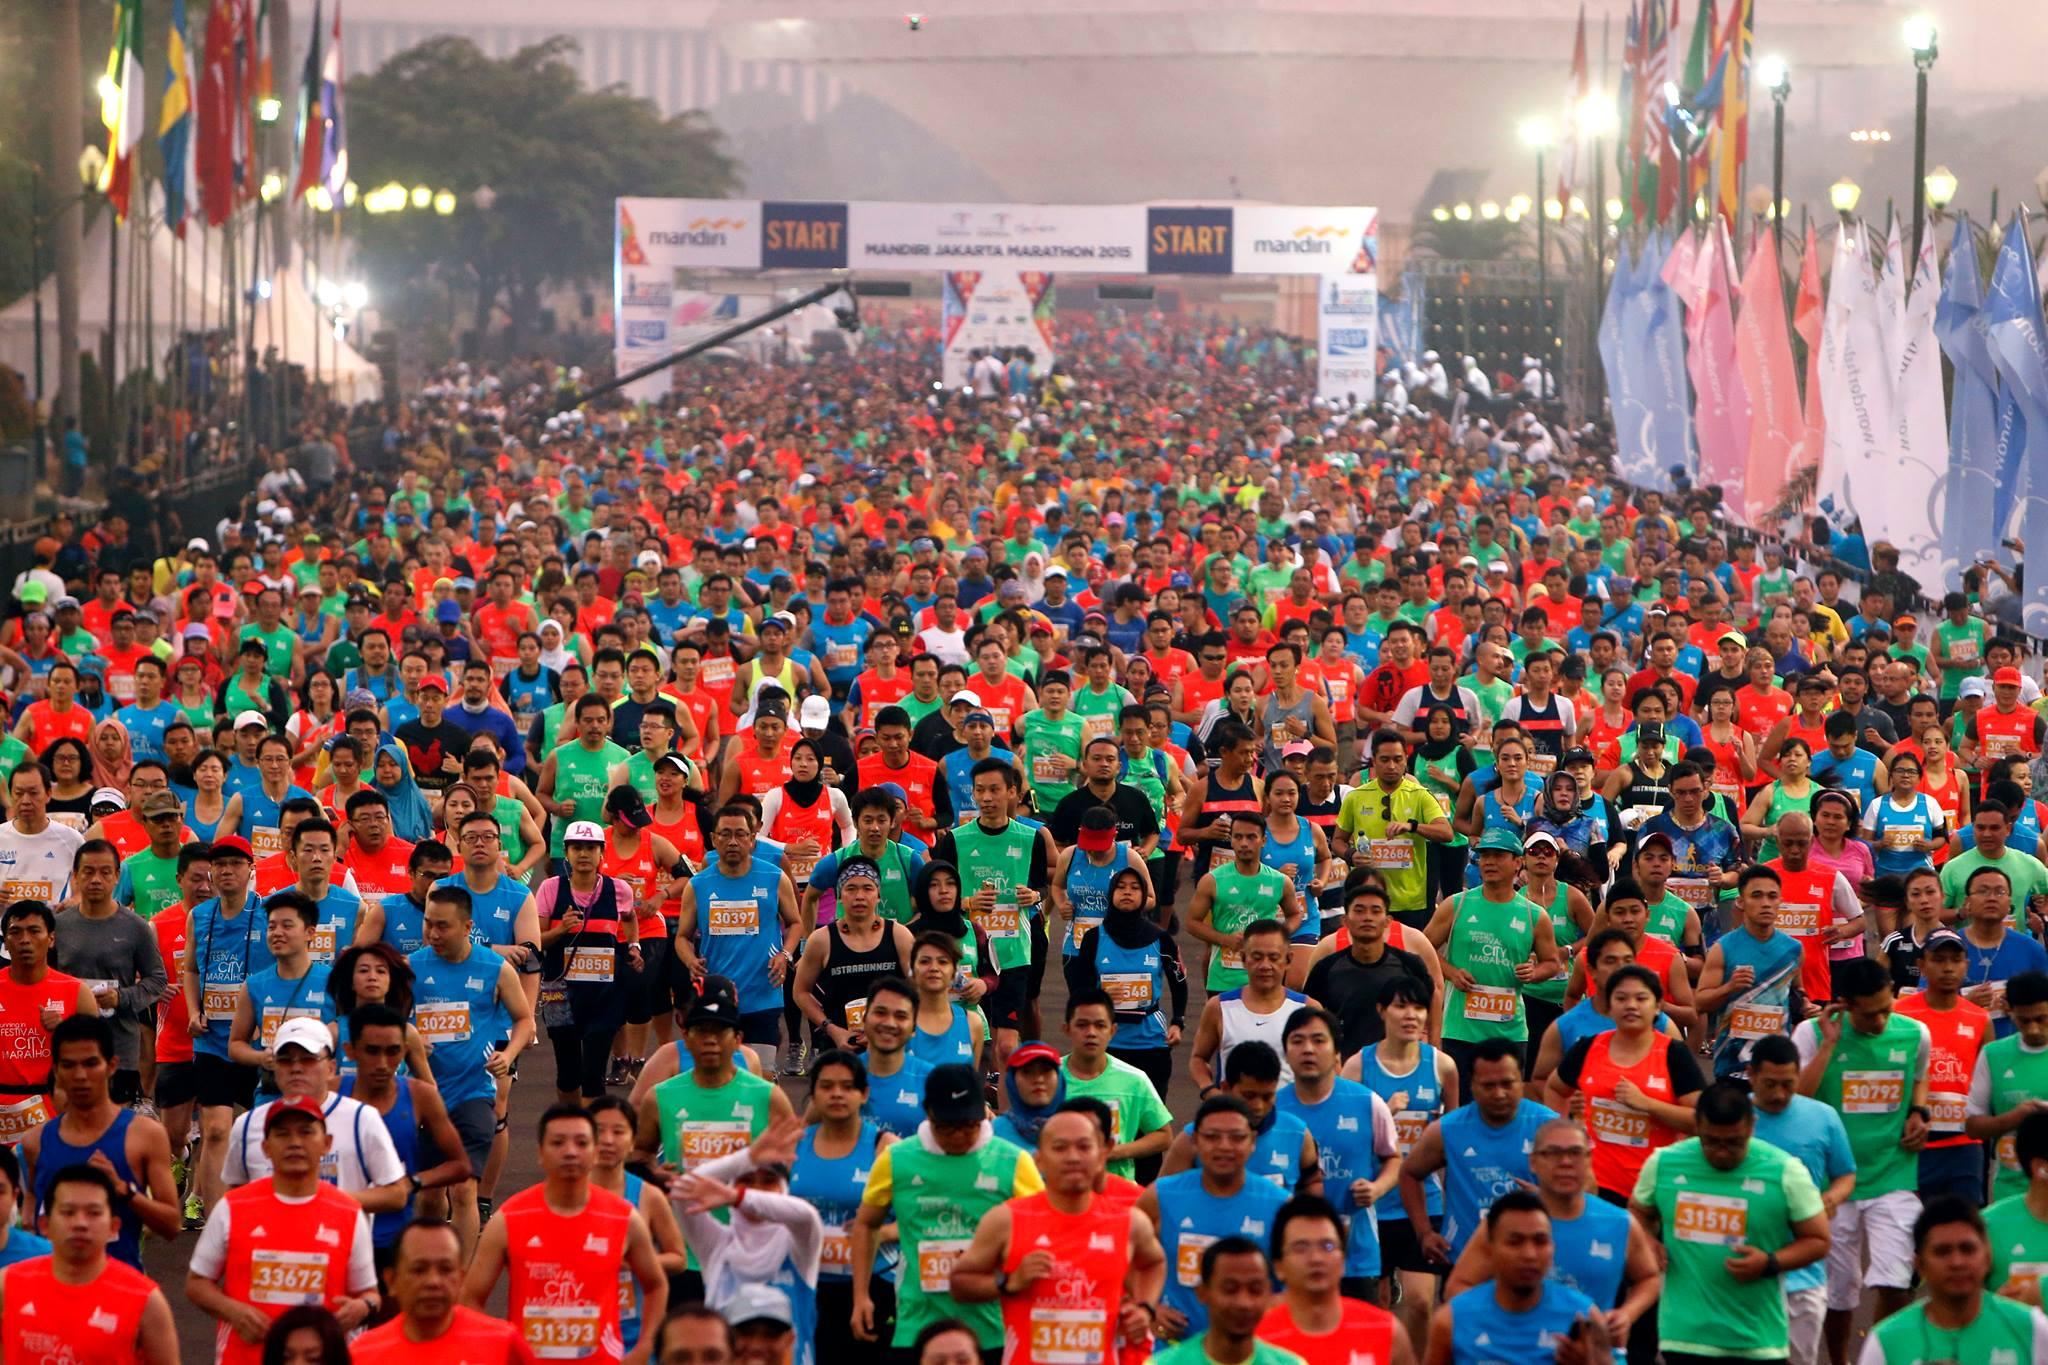 jakarta marathon